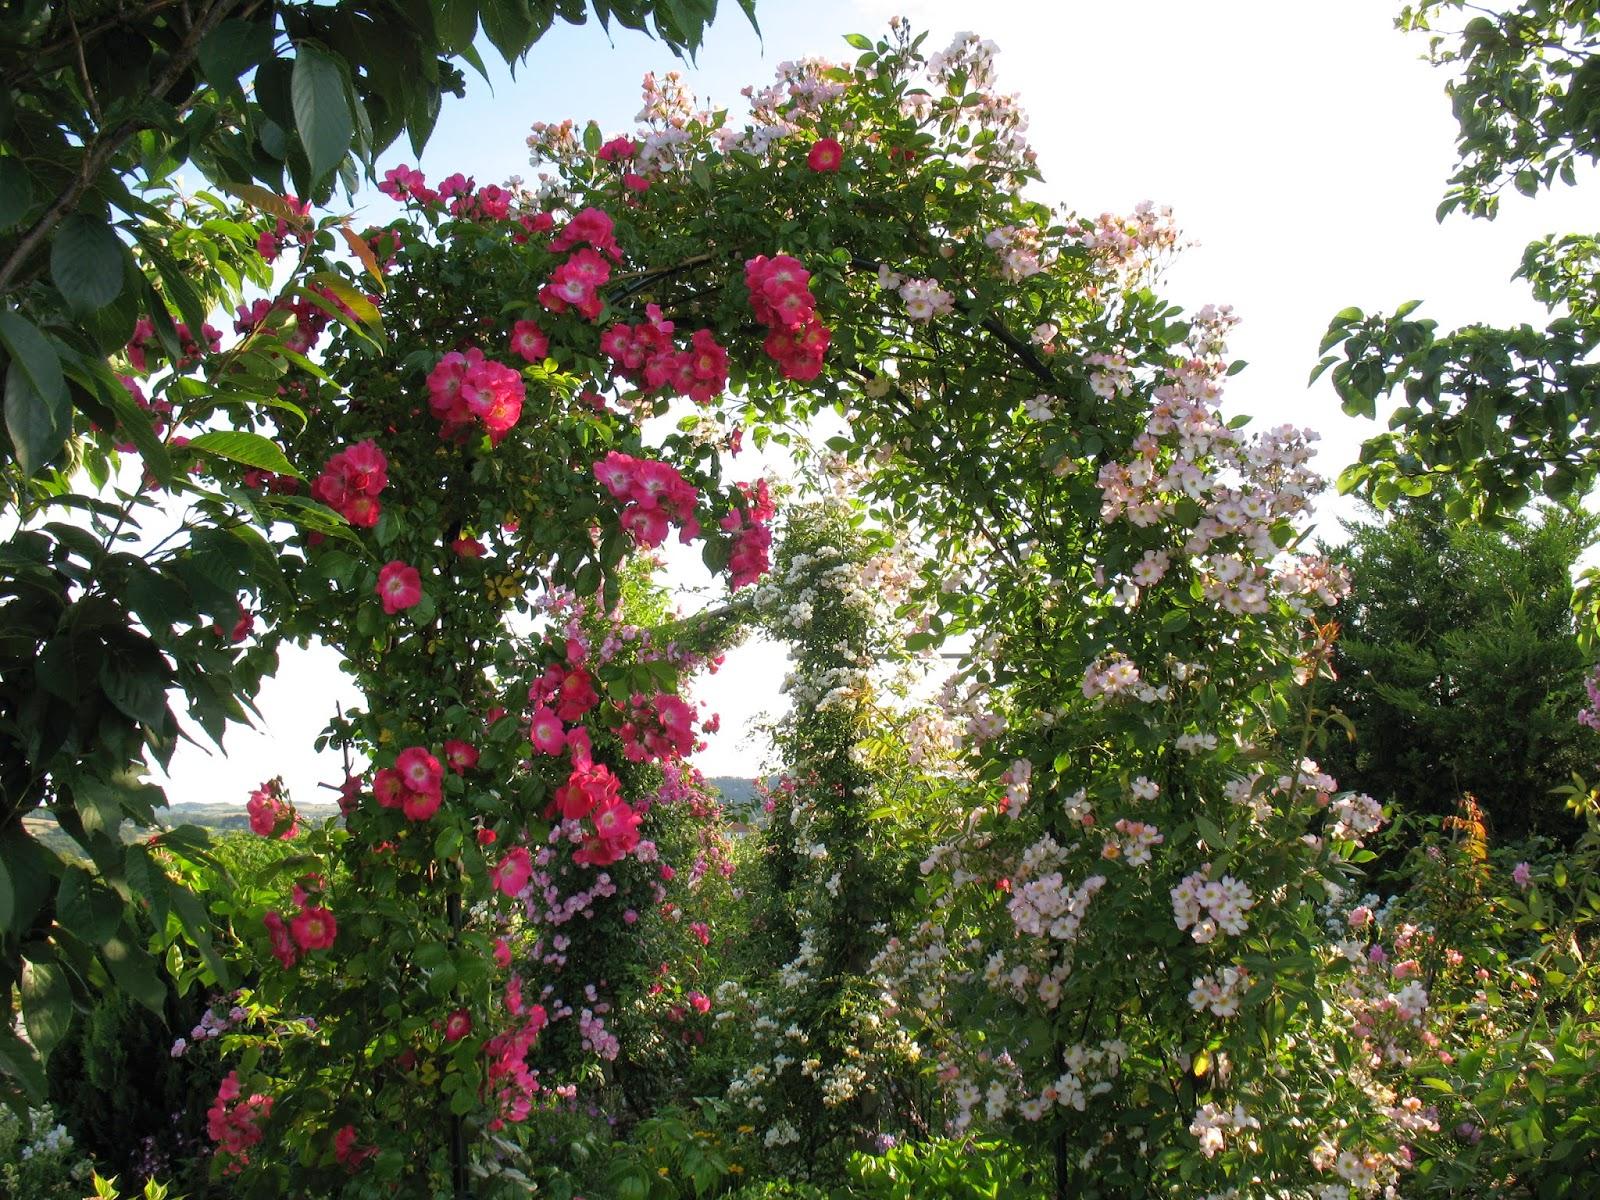 Roses du jardin ch neland deux rosiers lianes ma tris s - Taille rosier liane ...